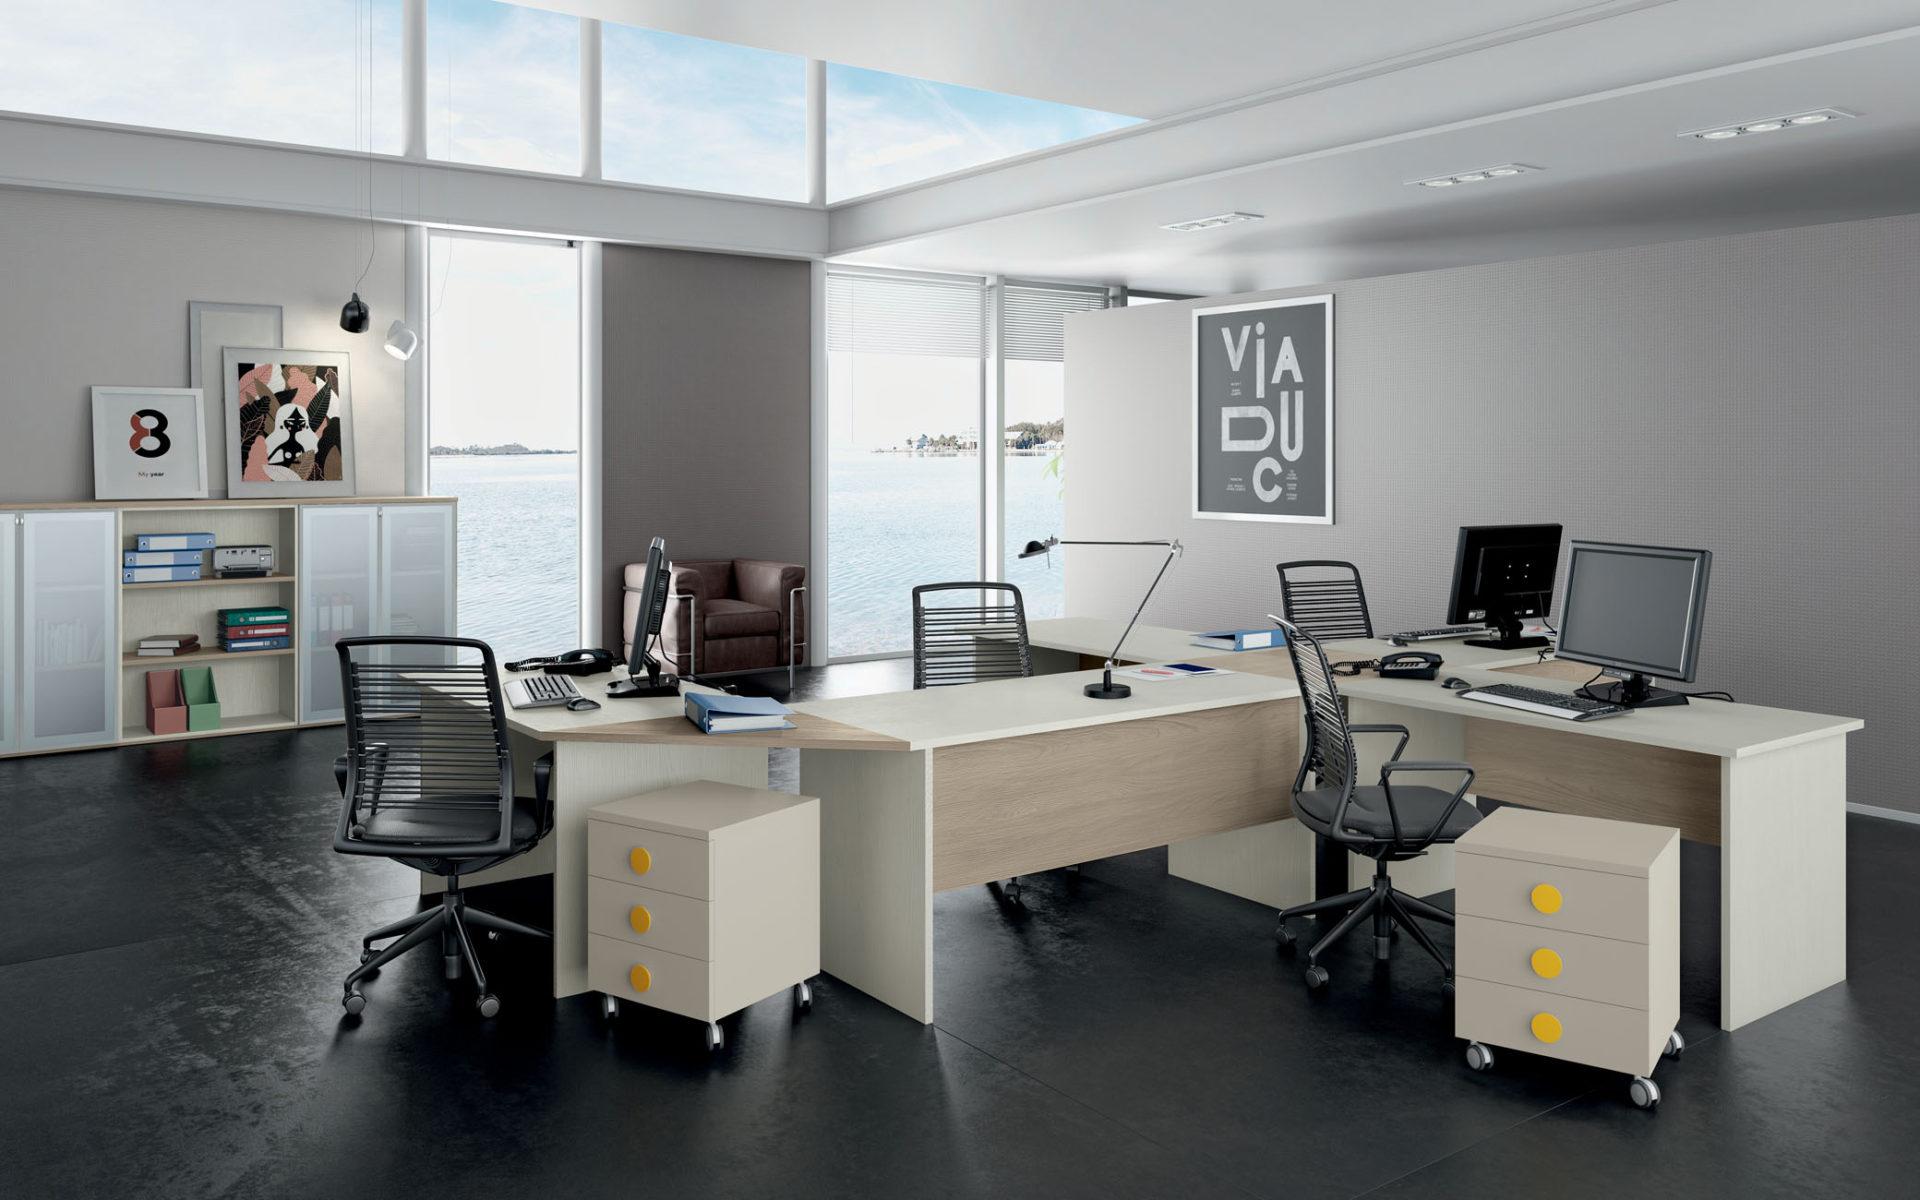 Composizione ufficio 55 - S.Martino Mobili